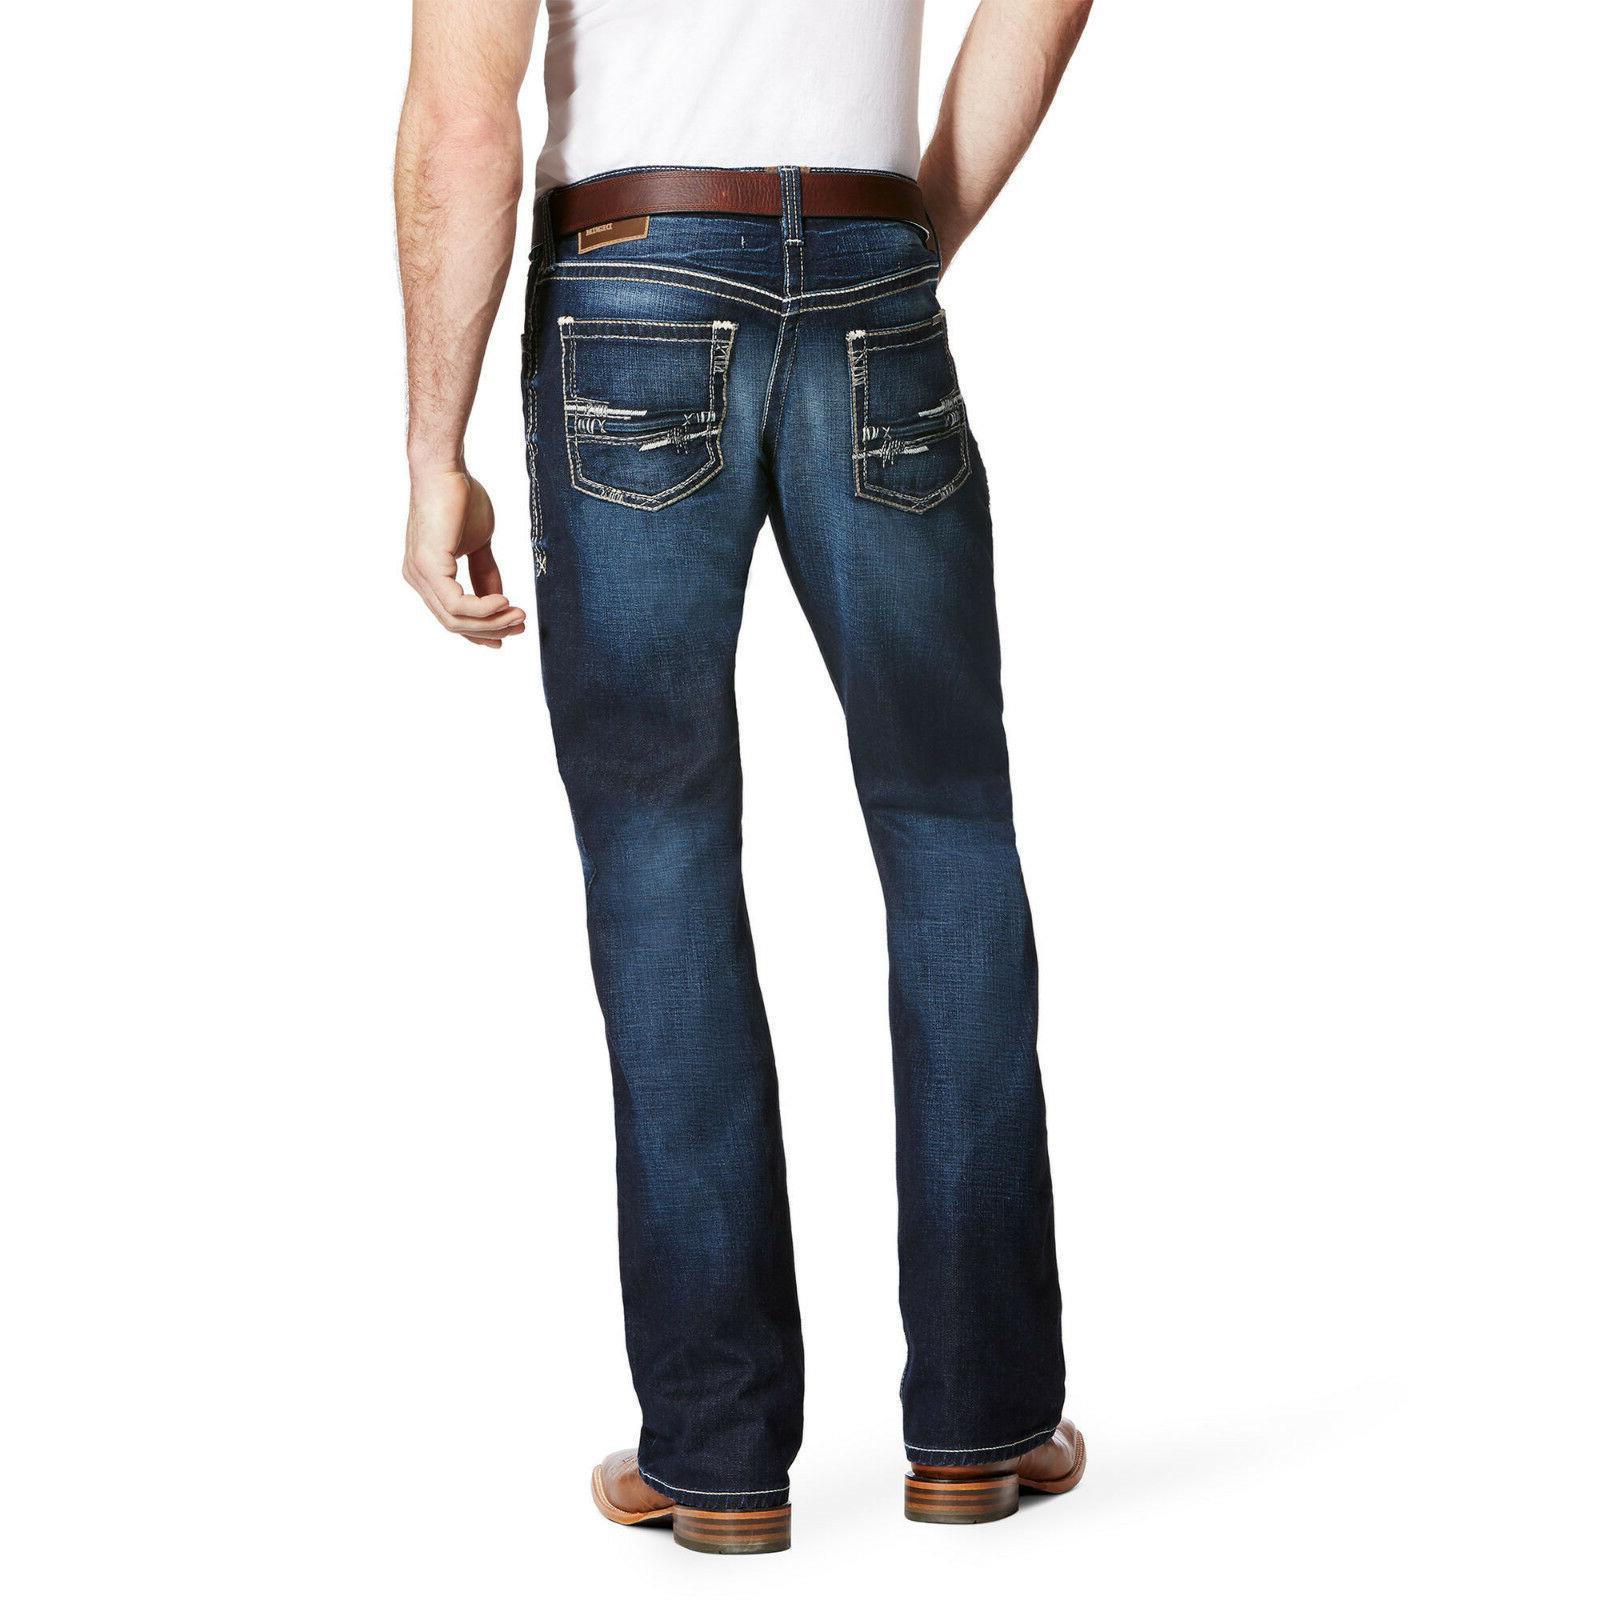 Ariat® Turnout Rise Cut Jeans